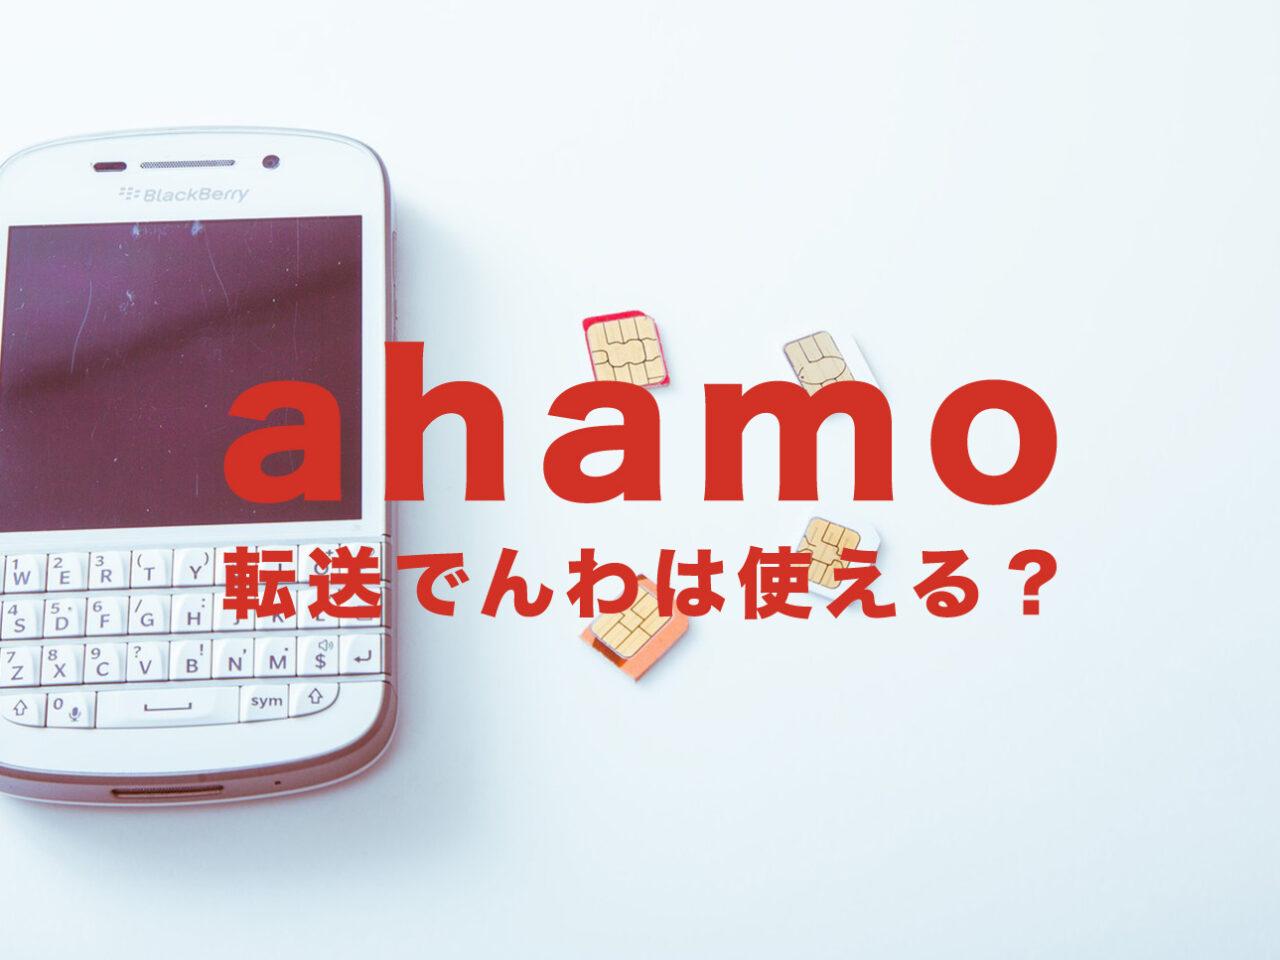 ahamo(アハモ)で転送でんわ(電話)は使える?使えない?のサムネイル画像